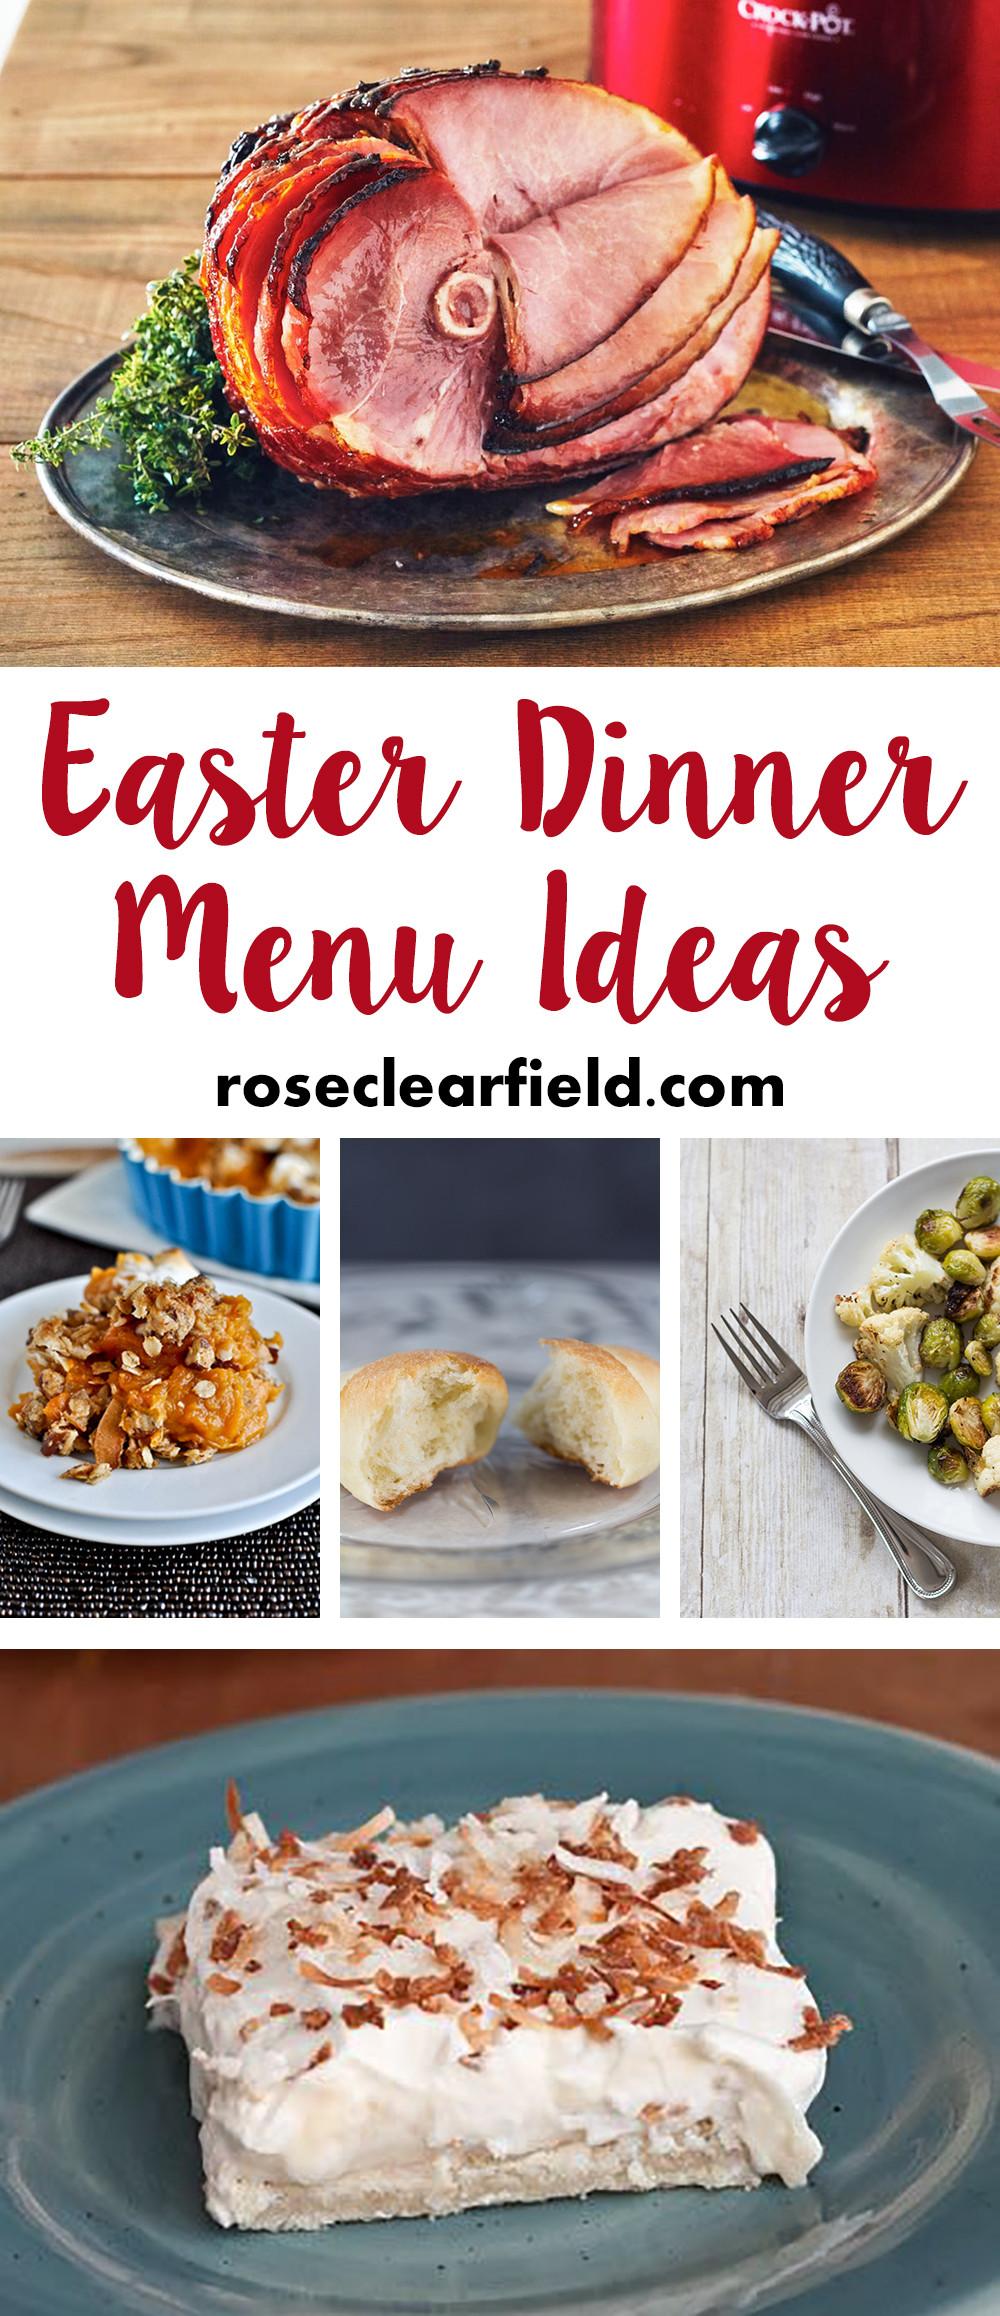 Easter Dinner Menus  Easter Dinner Menu Ideas • Rose Clearfield